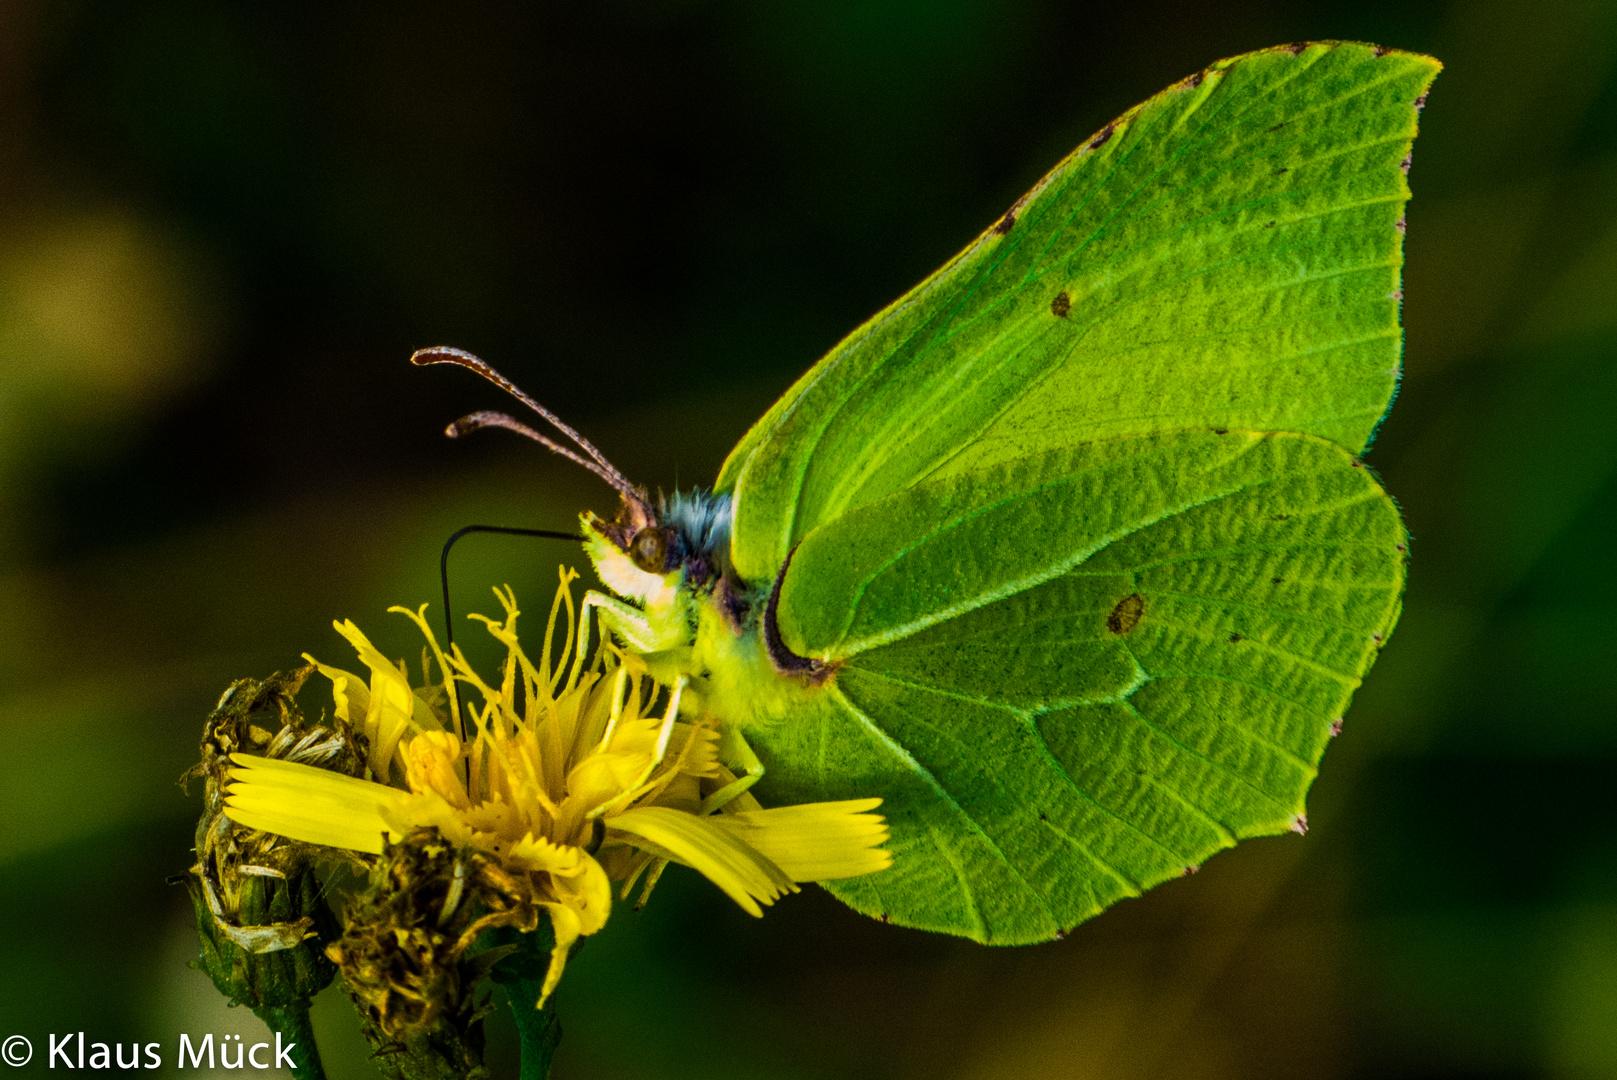 Schmetterling oder Blattgrün?